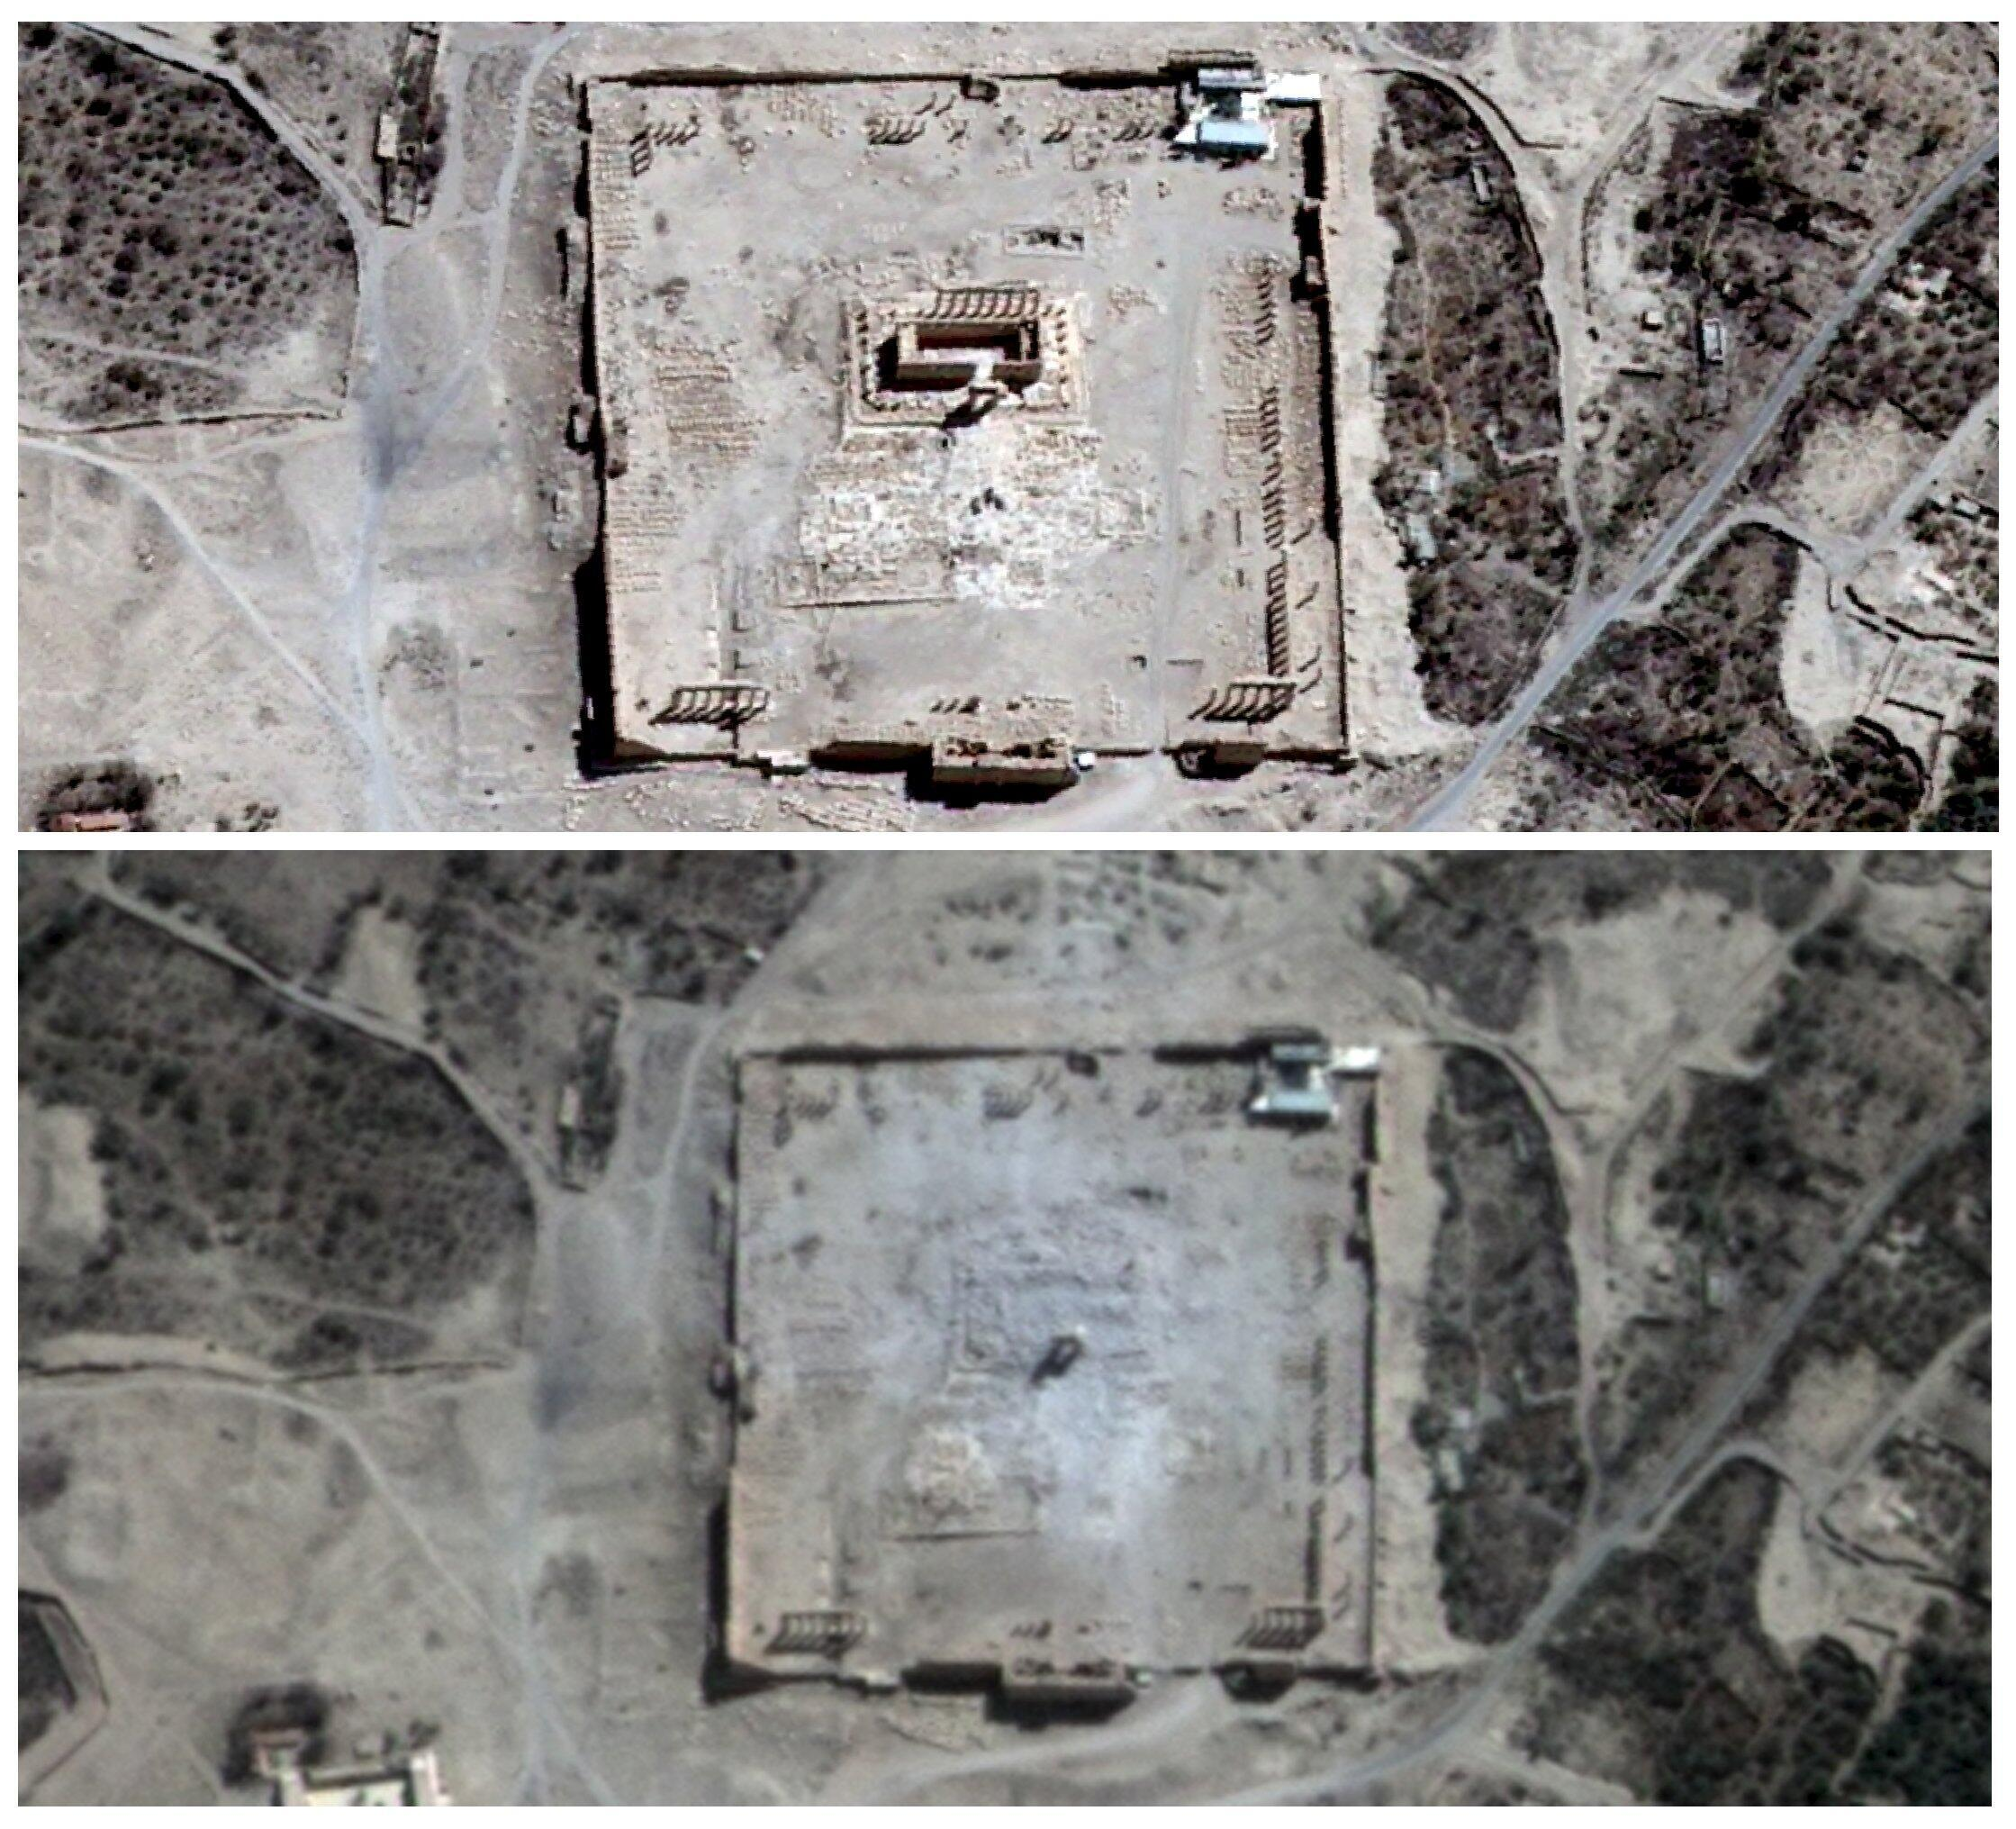 As imagens por satélite mostram o Templo de Bel antes (em cima) e depois da deflagração em Palmira, Síria. 27 de agosto, 2015.